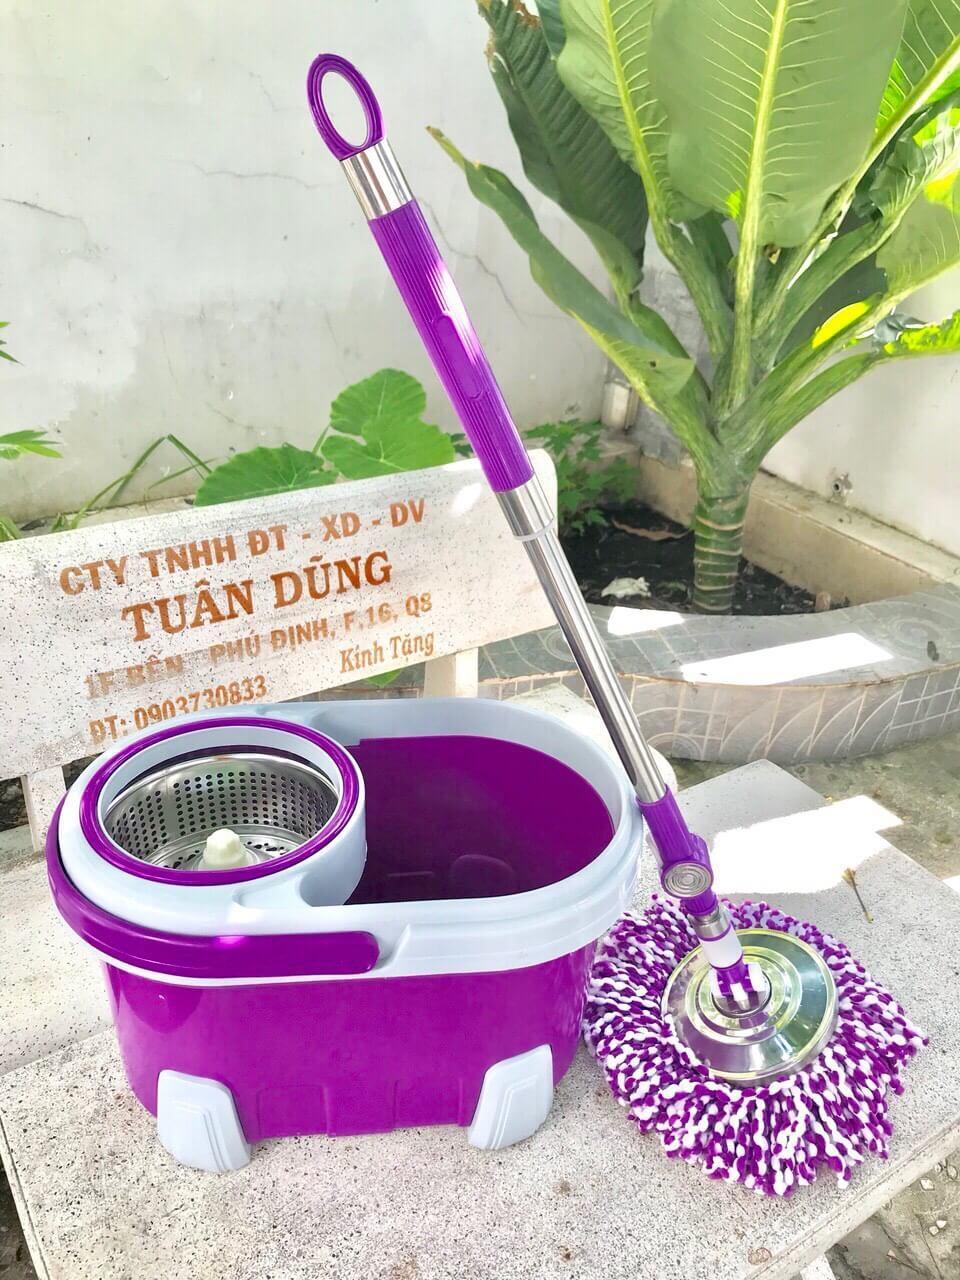 Bộ Cán Chổi Lau Nhà Thái Lan- Tiện Dụng Cho Gia đình Có Giá Cực Kỳ Tiết Kiệm